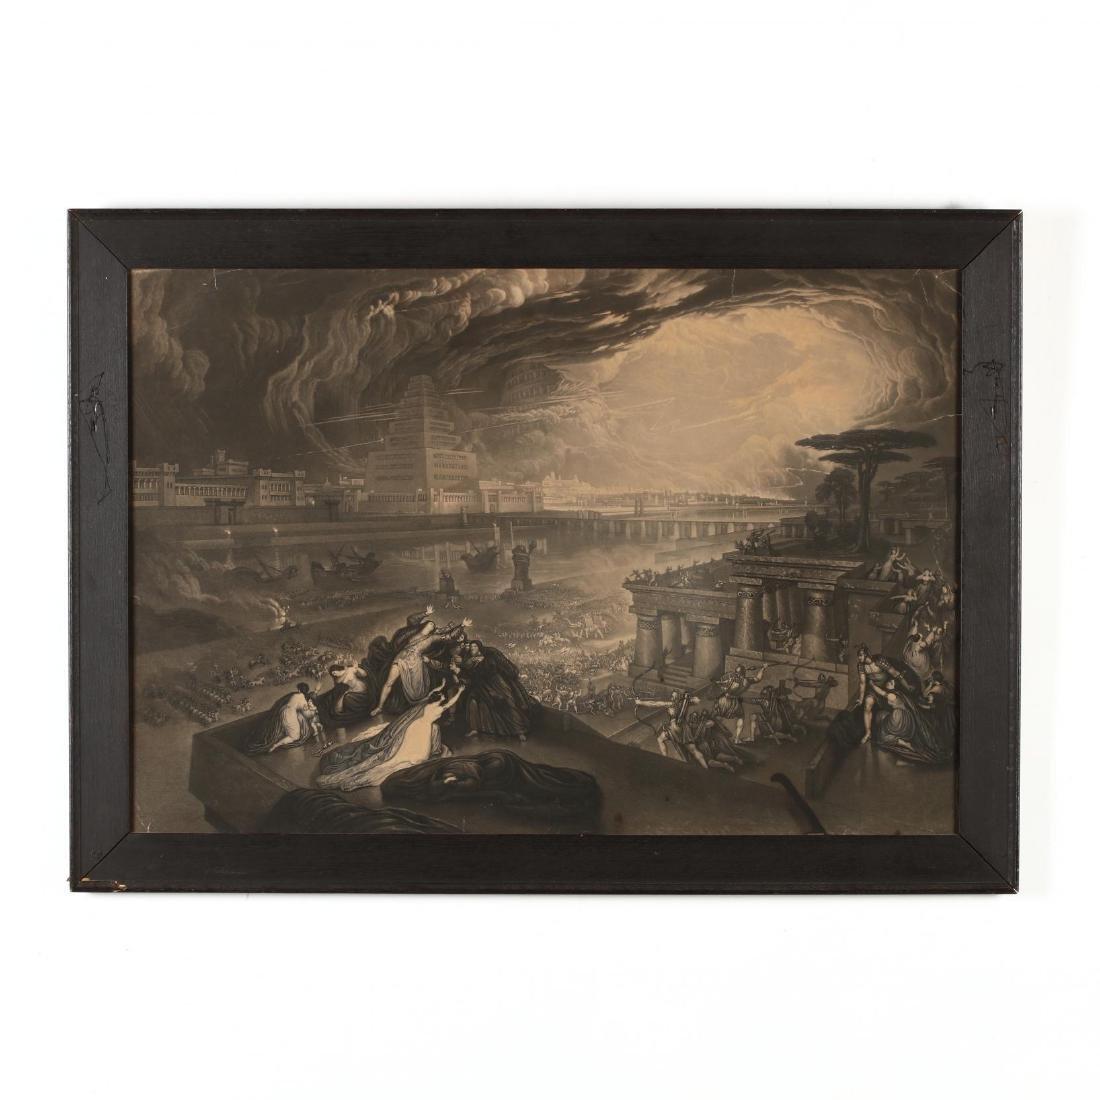 John Martin (British, 1789-1854),  The Fall of Babylon